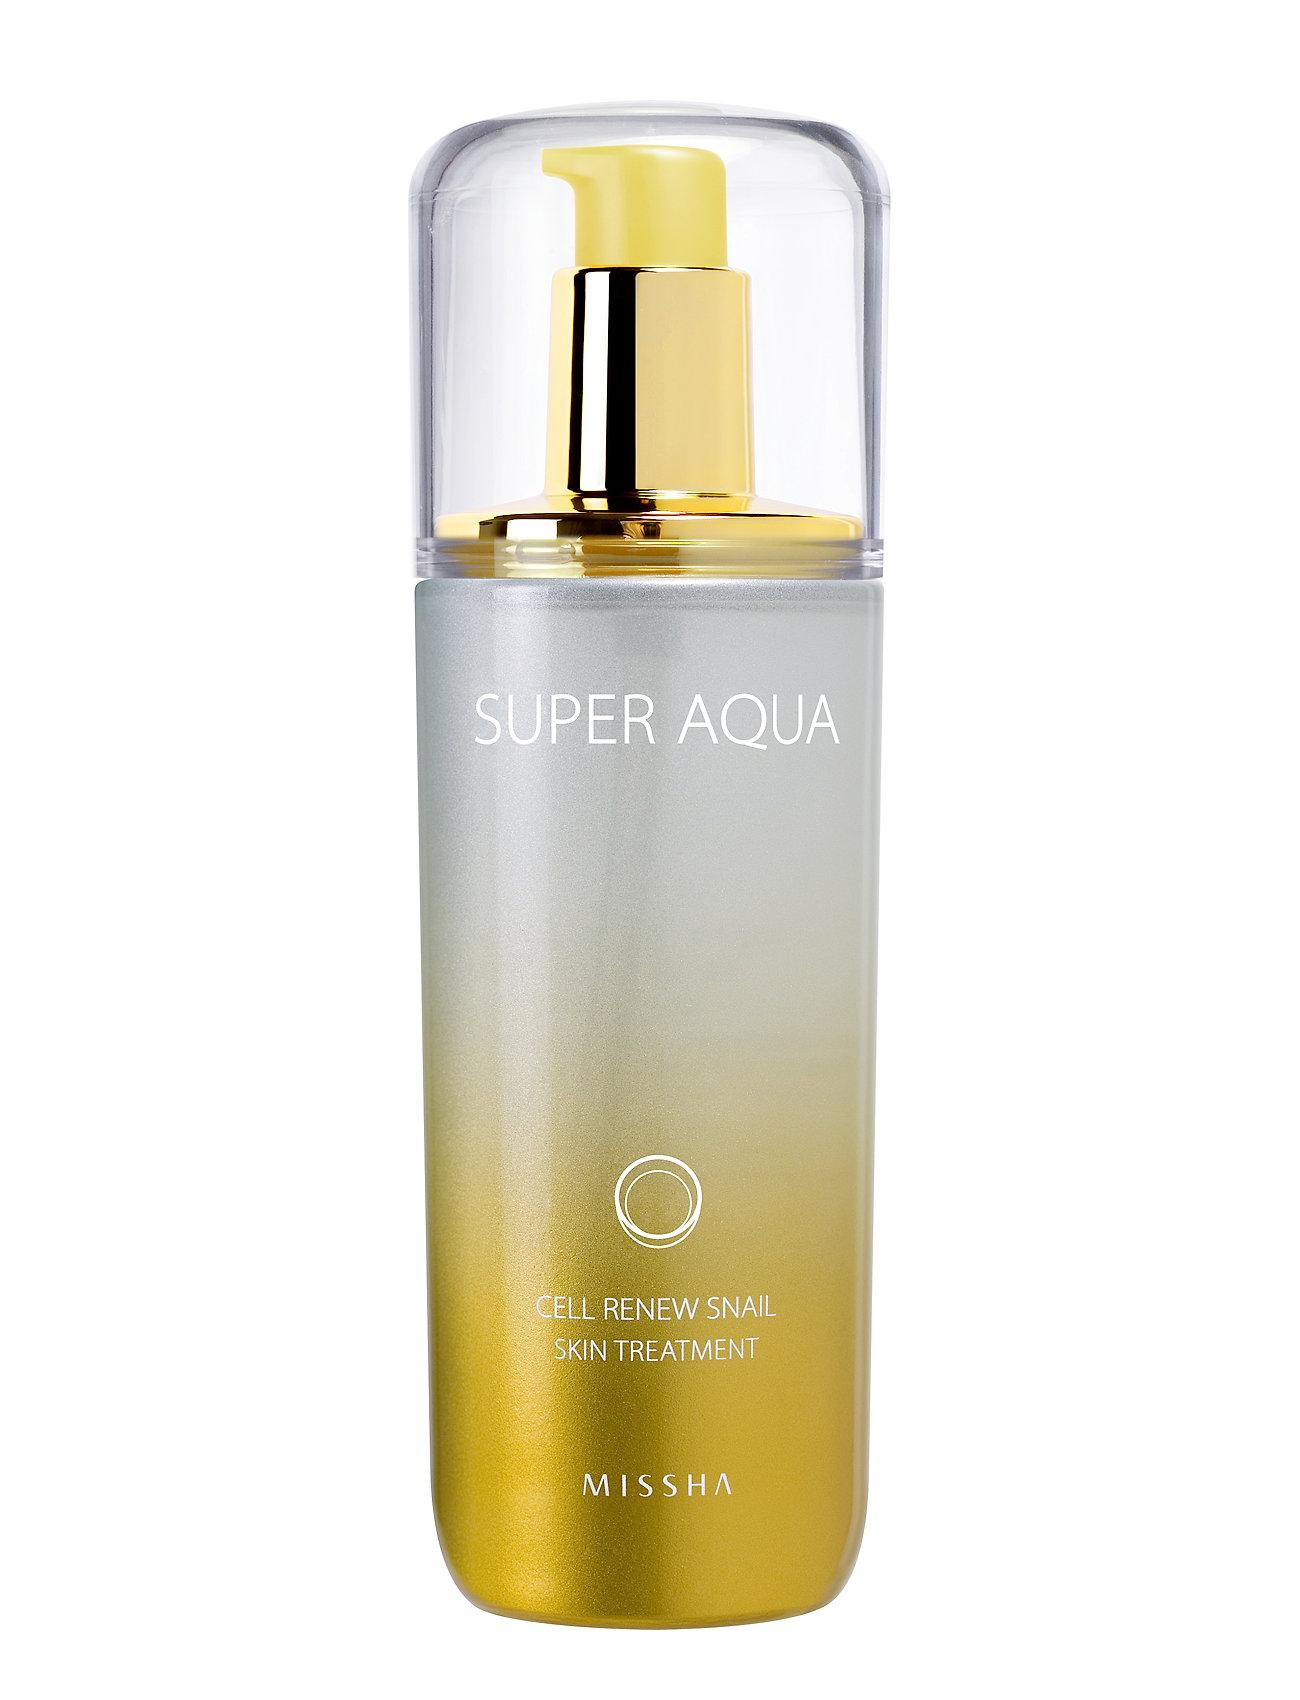 Missha Super Aqua Cell Renew Snail Skin Treatment - Missha